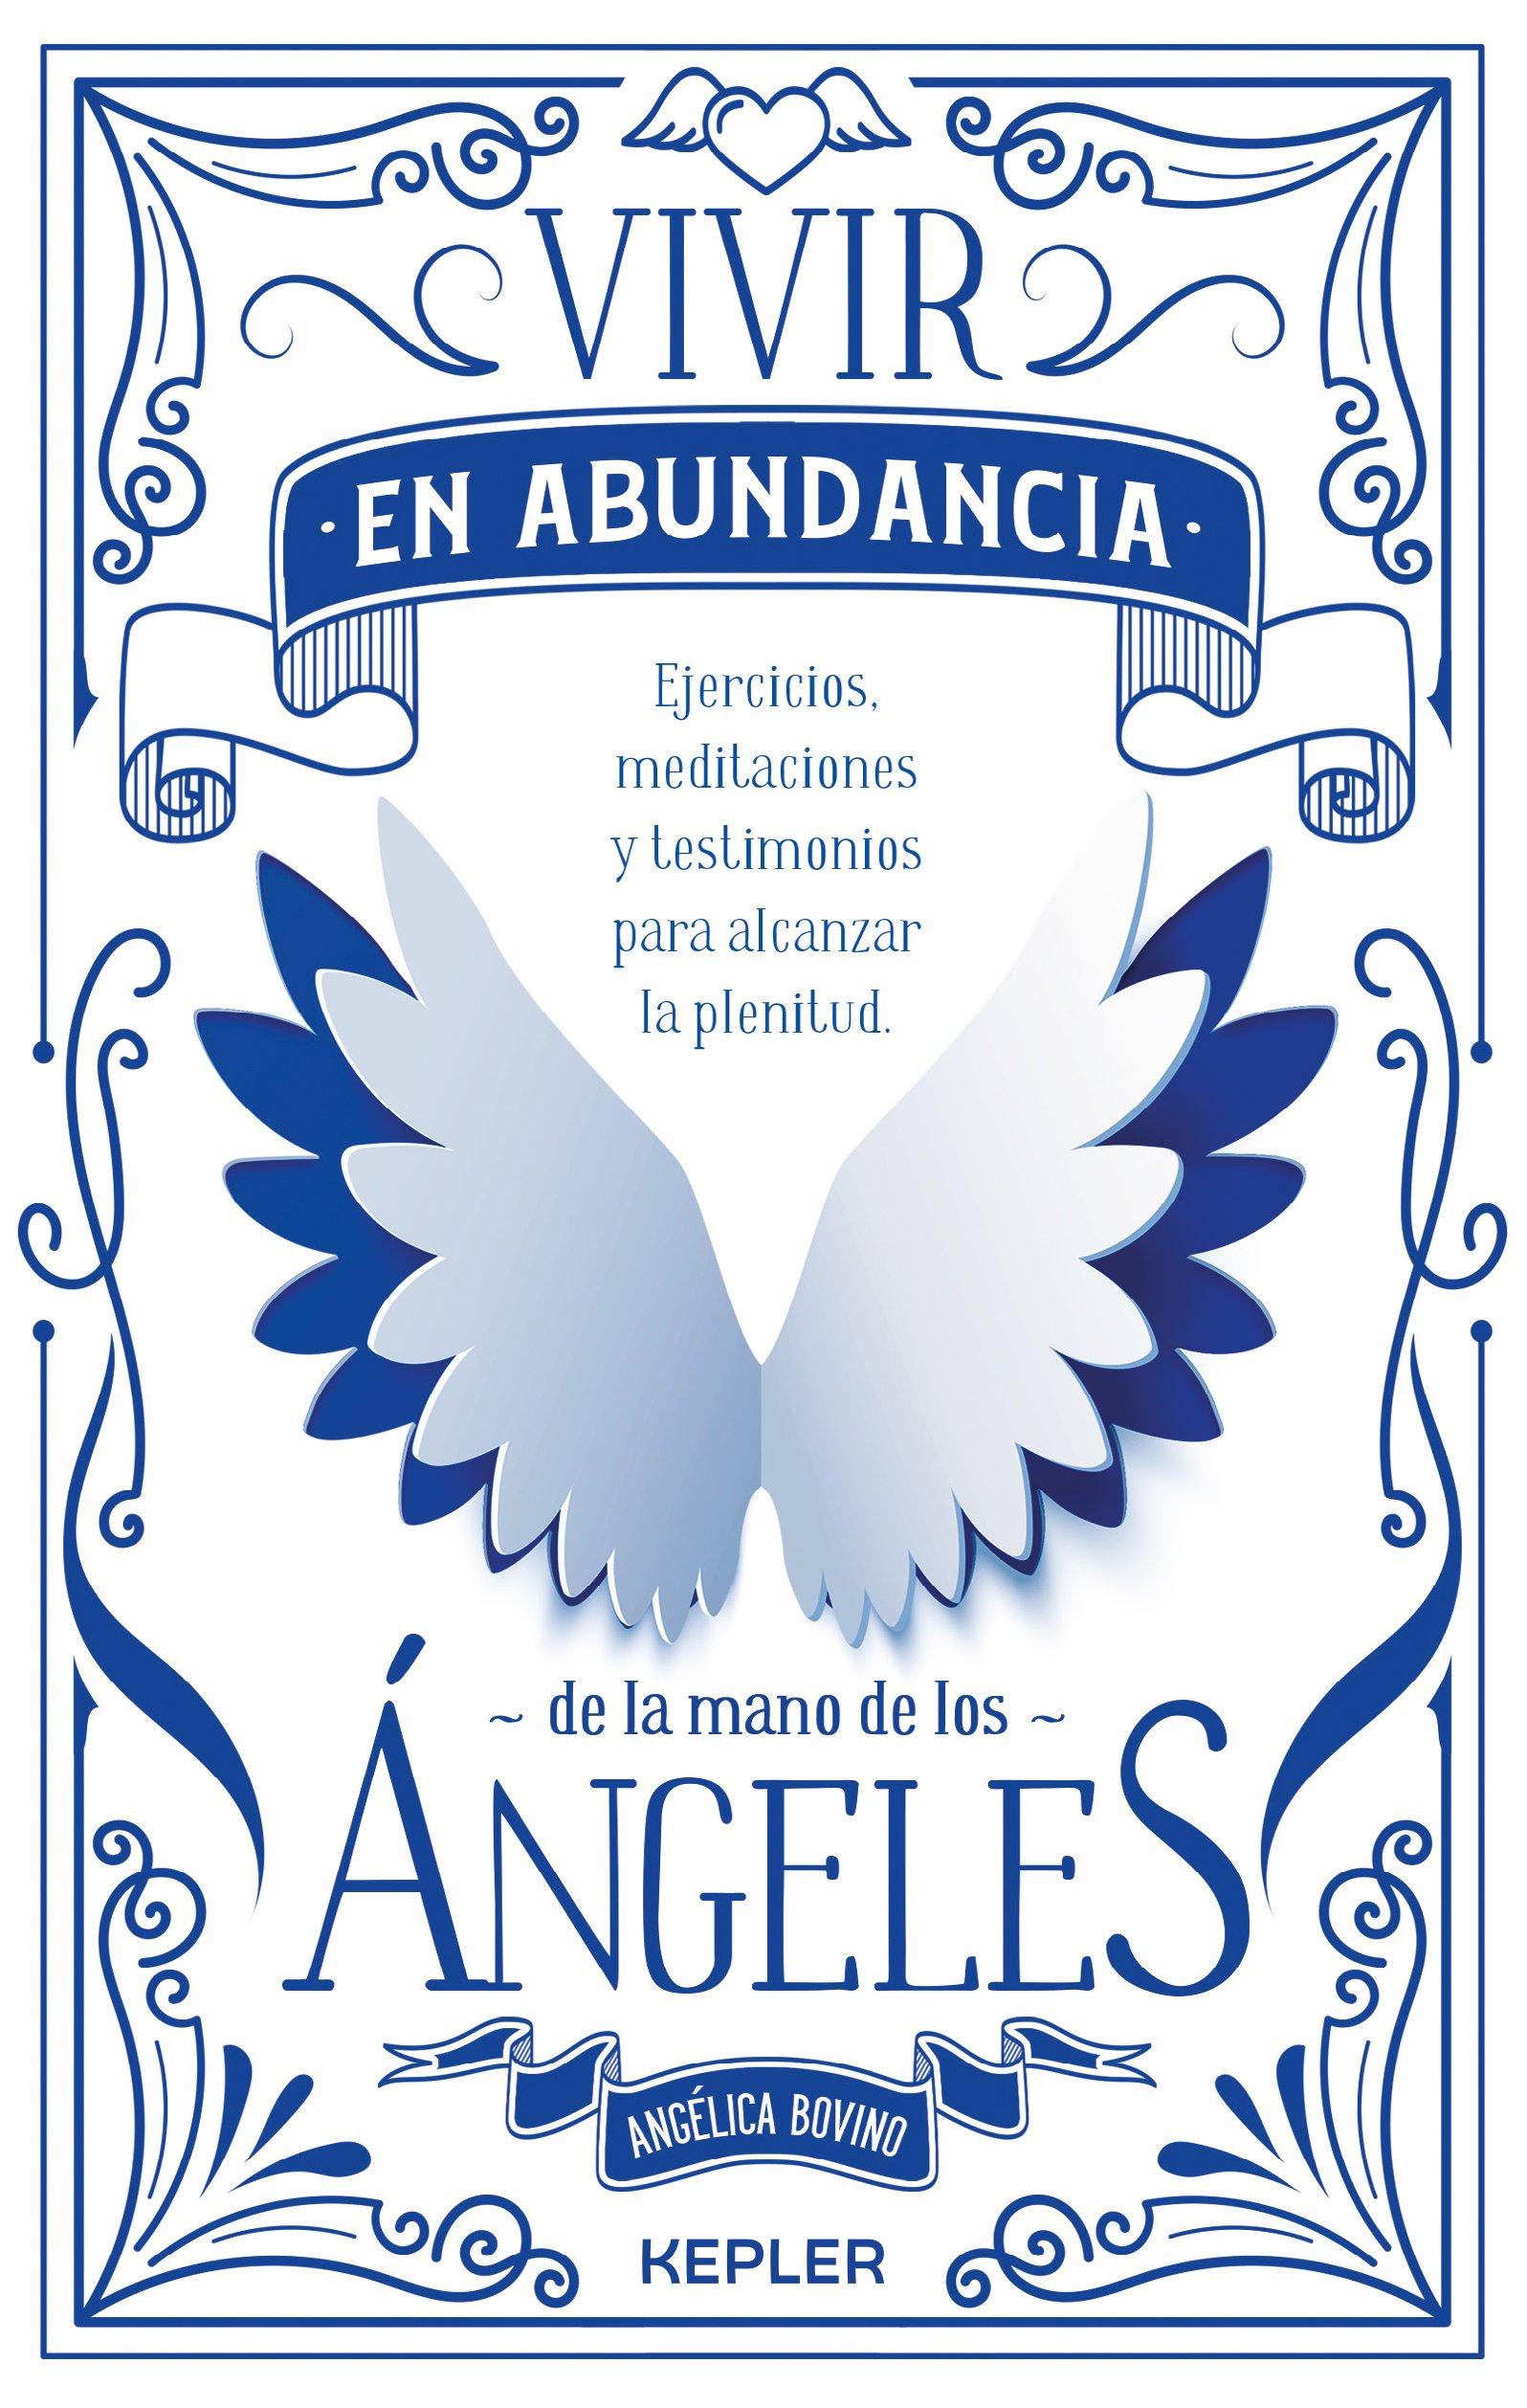 Vivir en Abundancia de la Mano de los Angeles - Angélica Bovino - Kepler